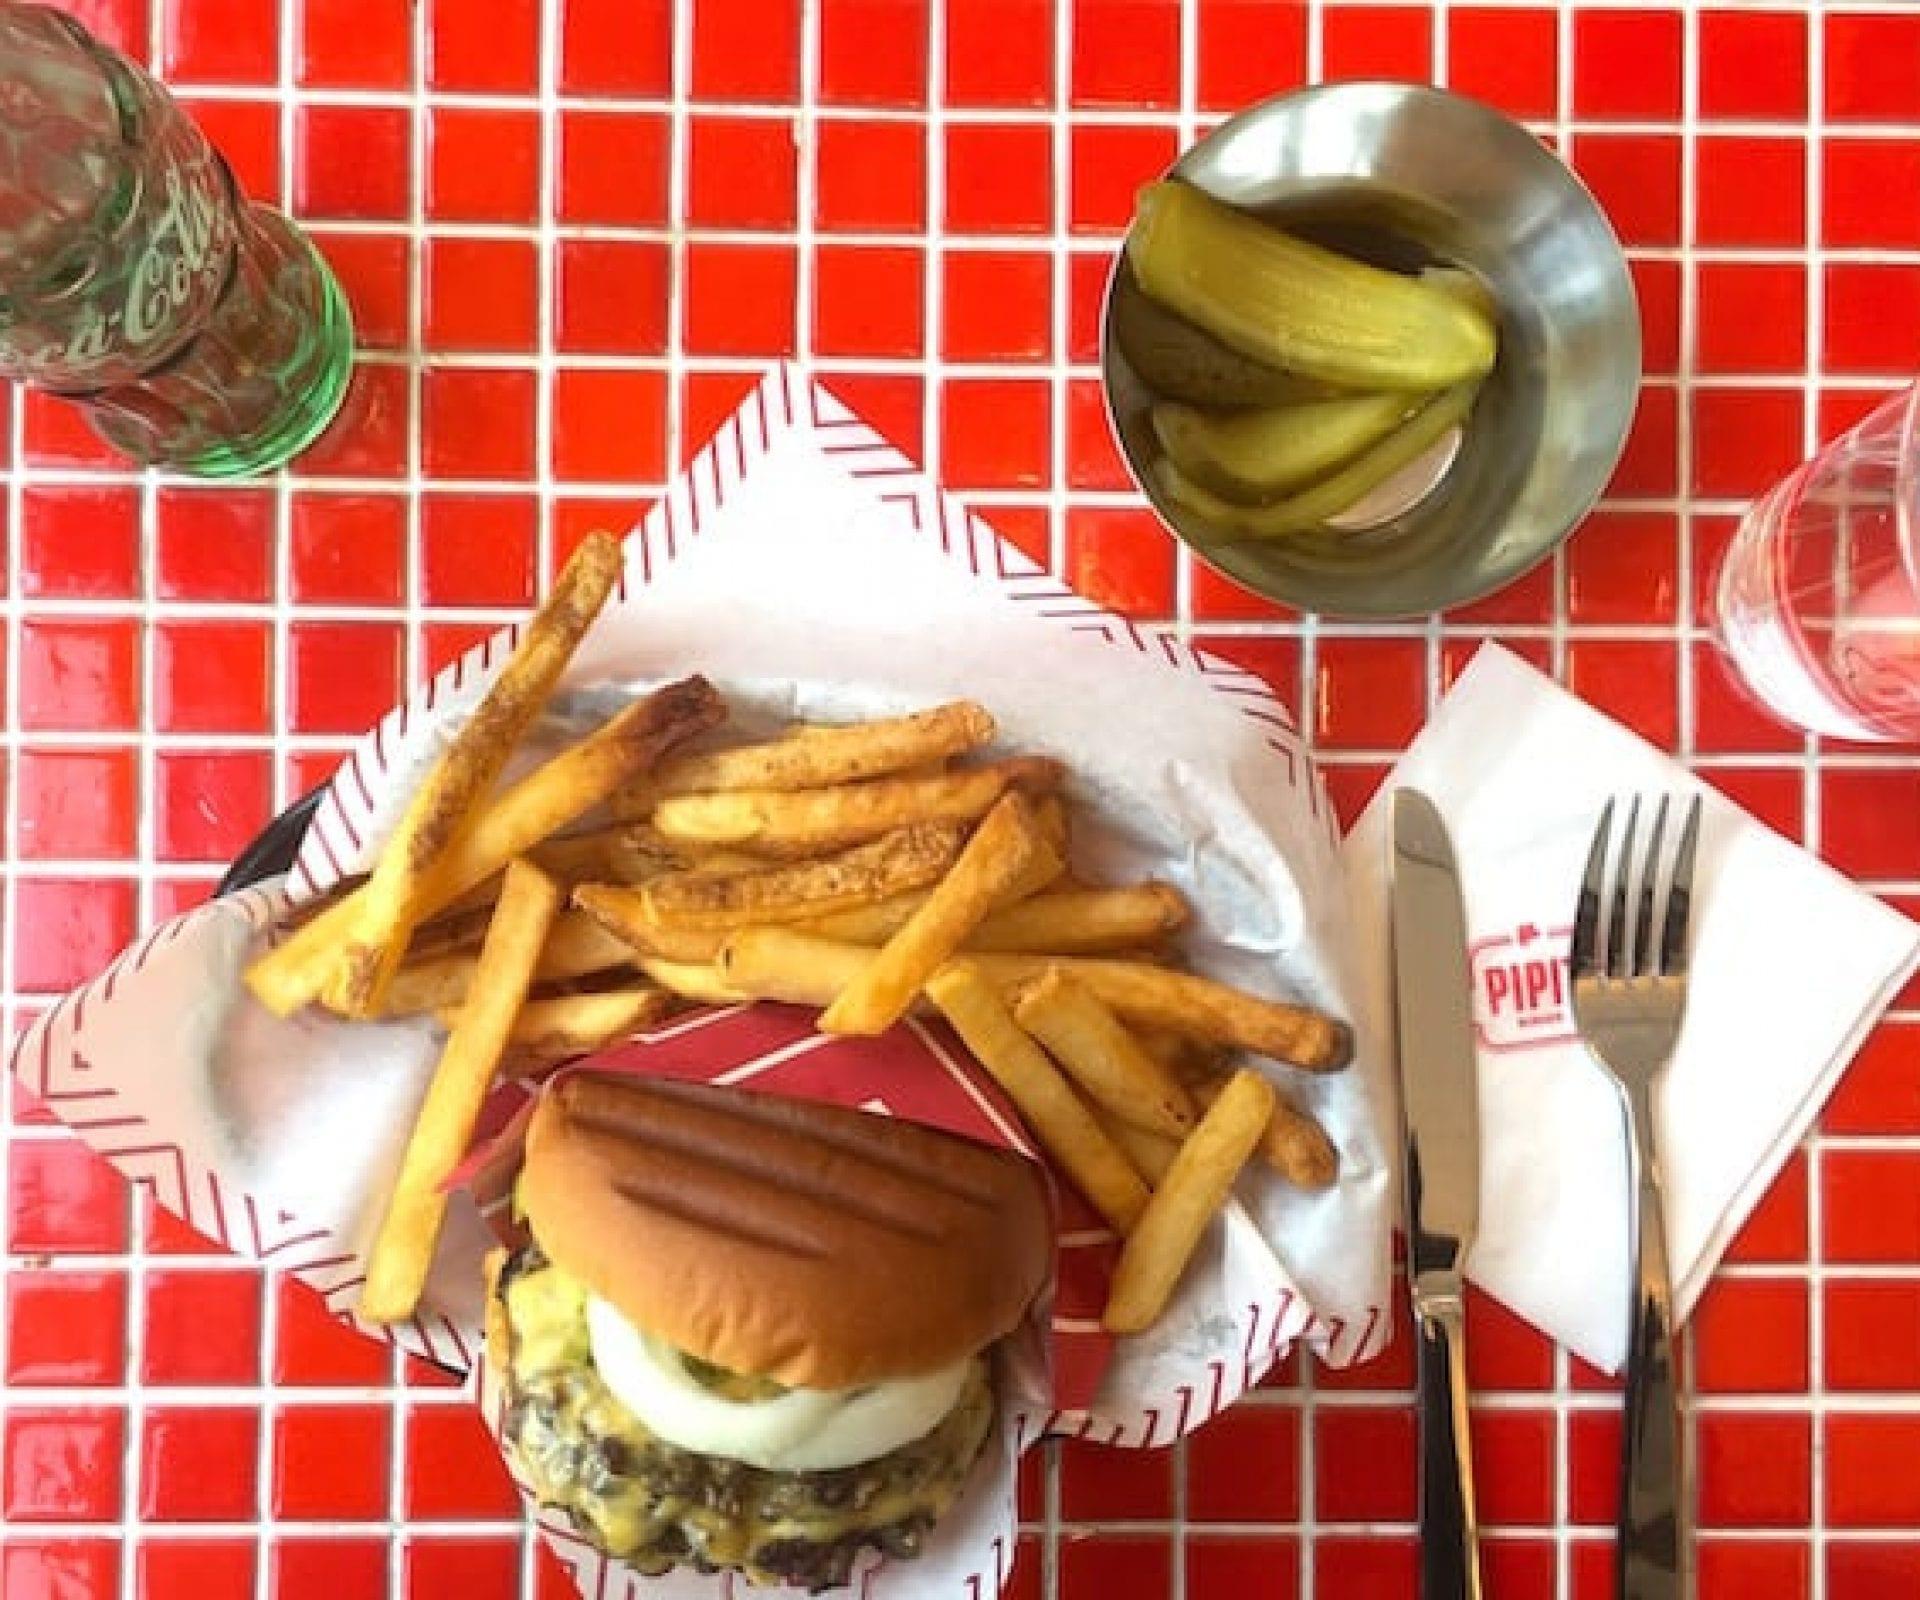 Pipit Burger | Yongsan-gu, Seoul